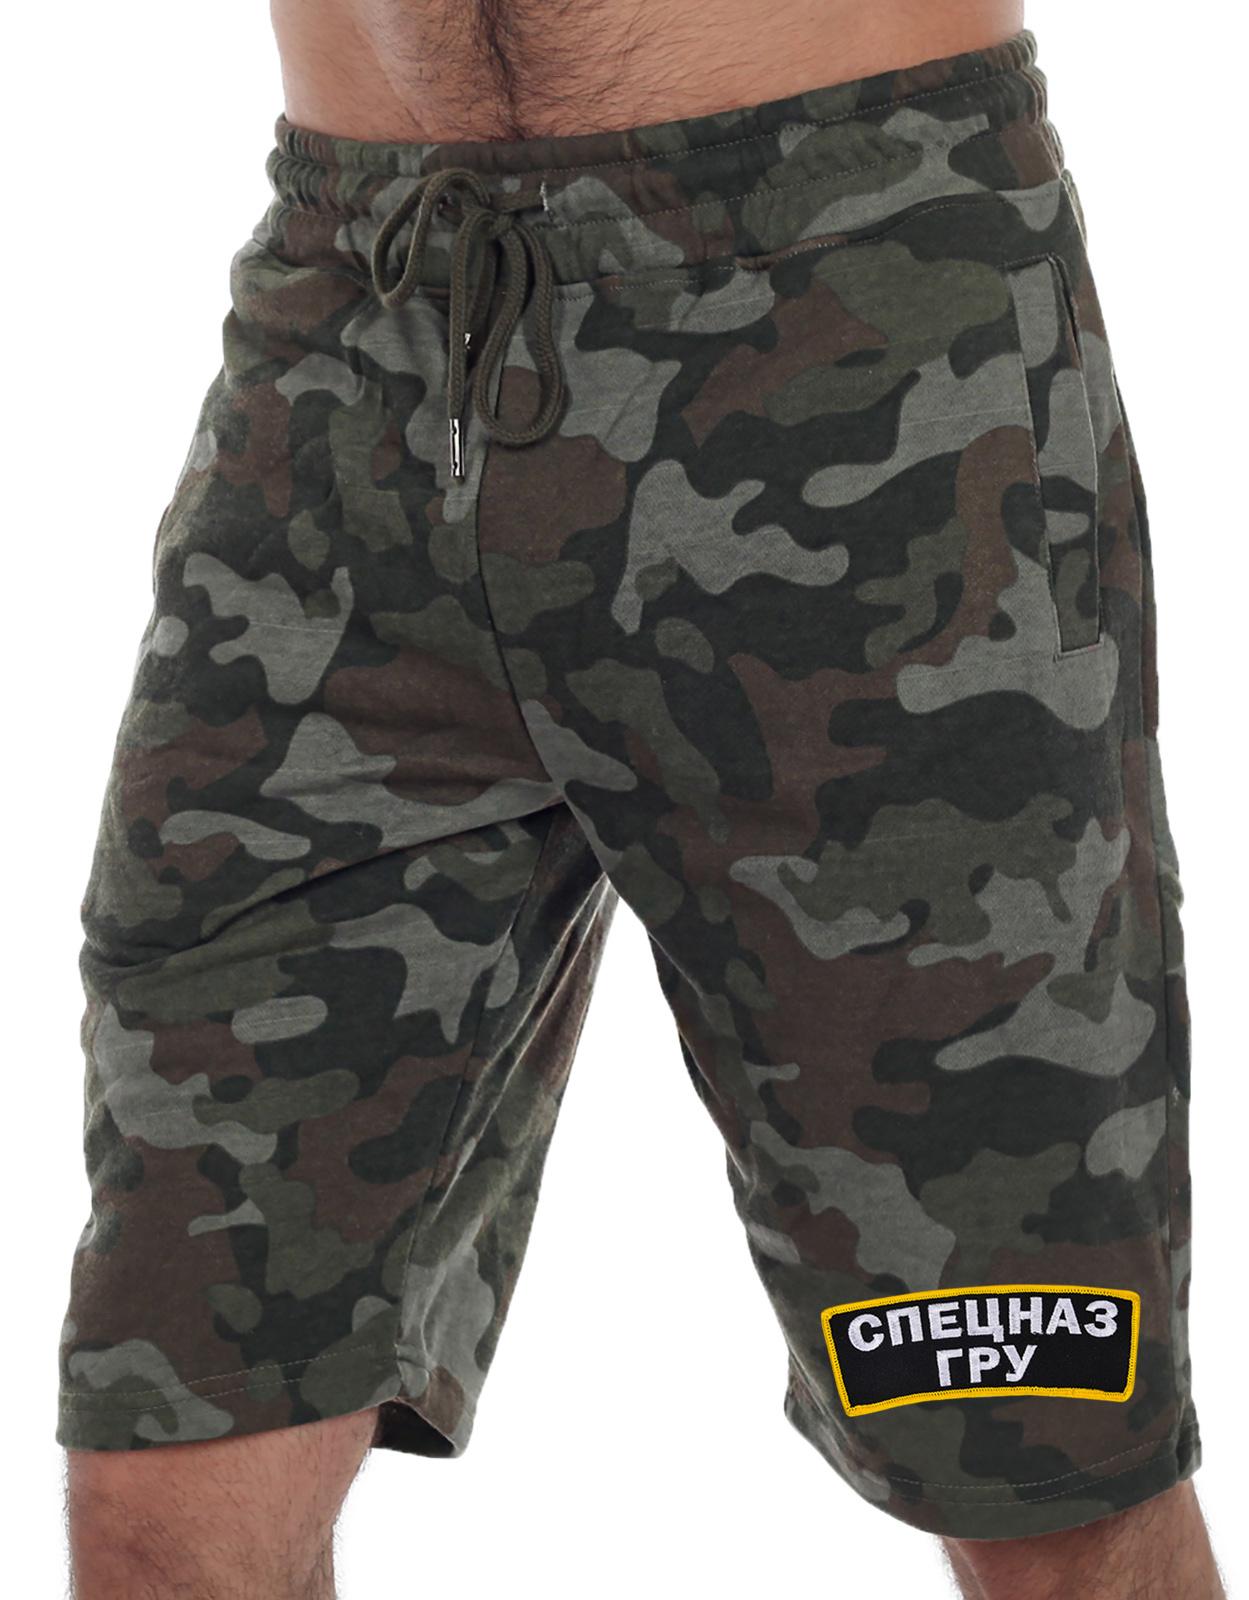 Недорогие форменные шорты с эмблемой Спецназа ГРУ